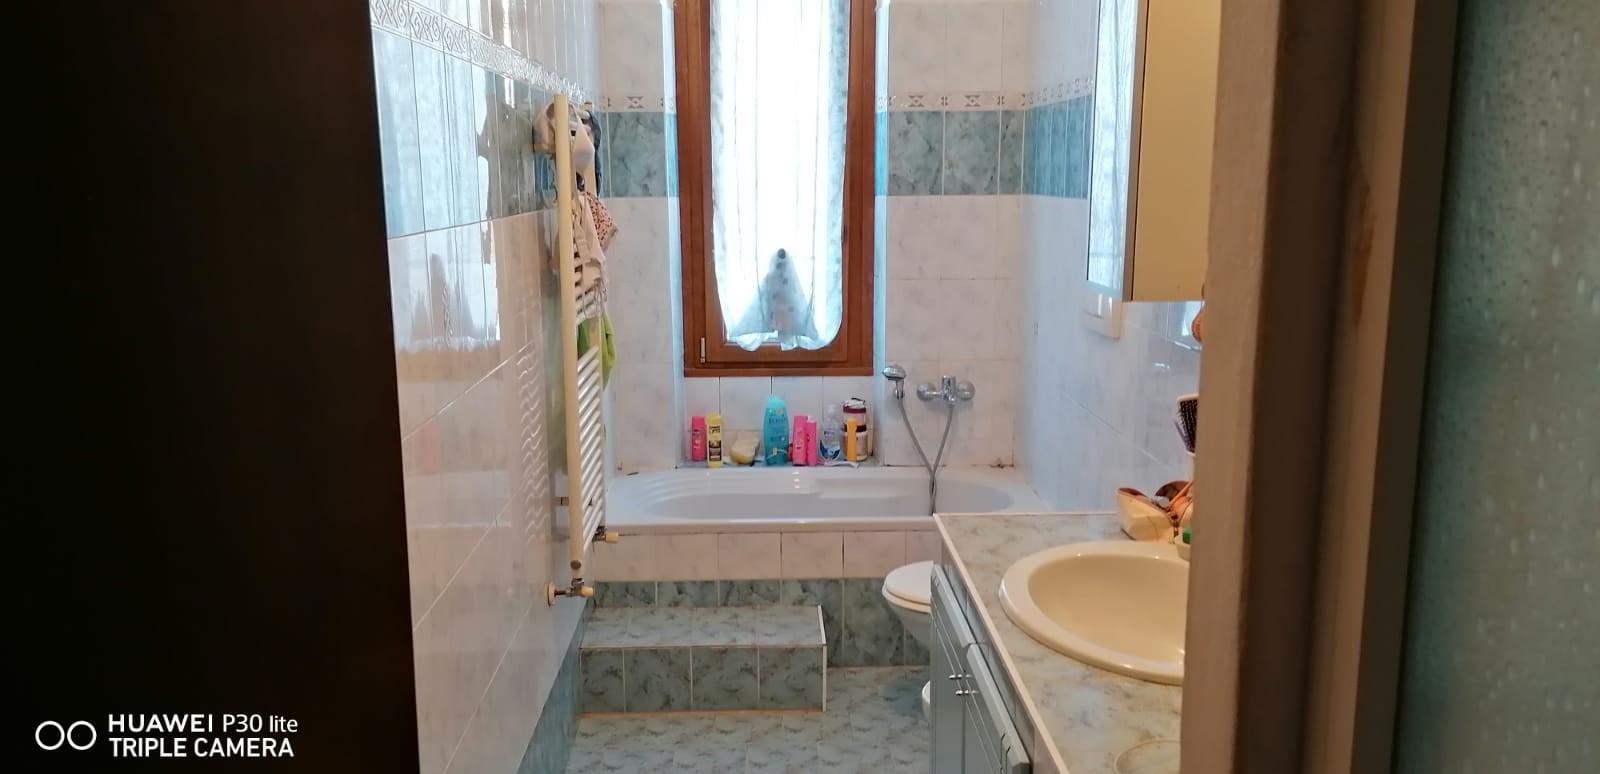 Foto 7 - Appartamento in Vendita - Lissone (Monza e Brianza)